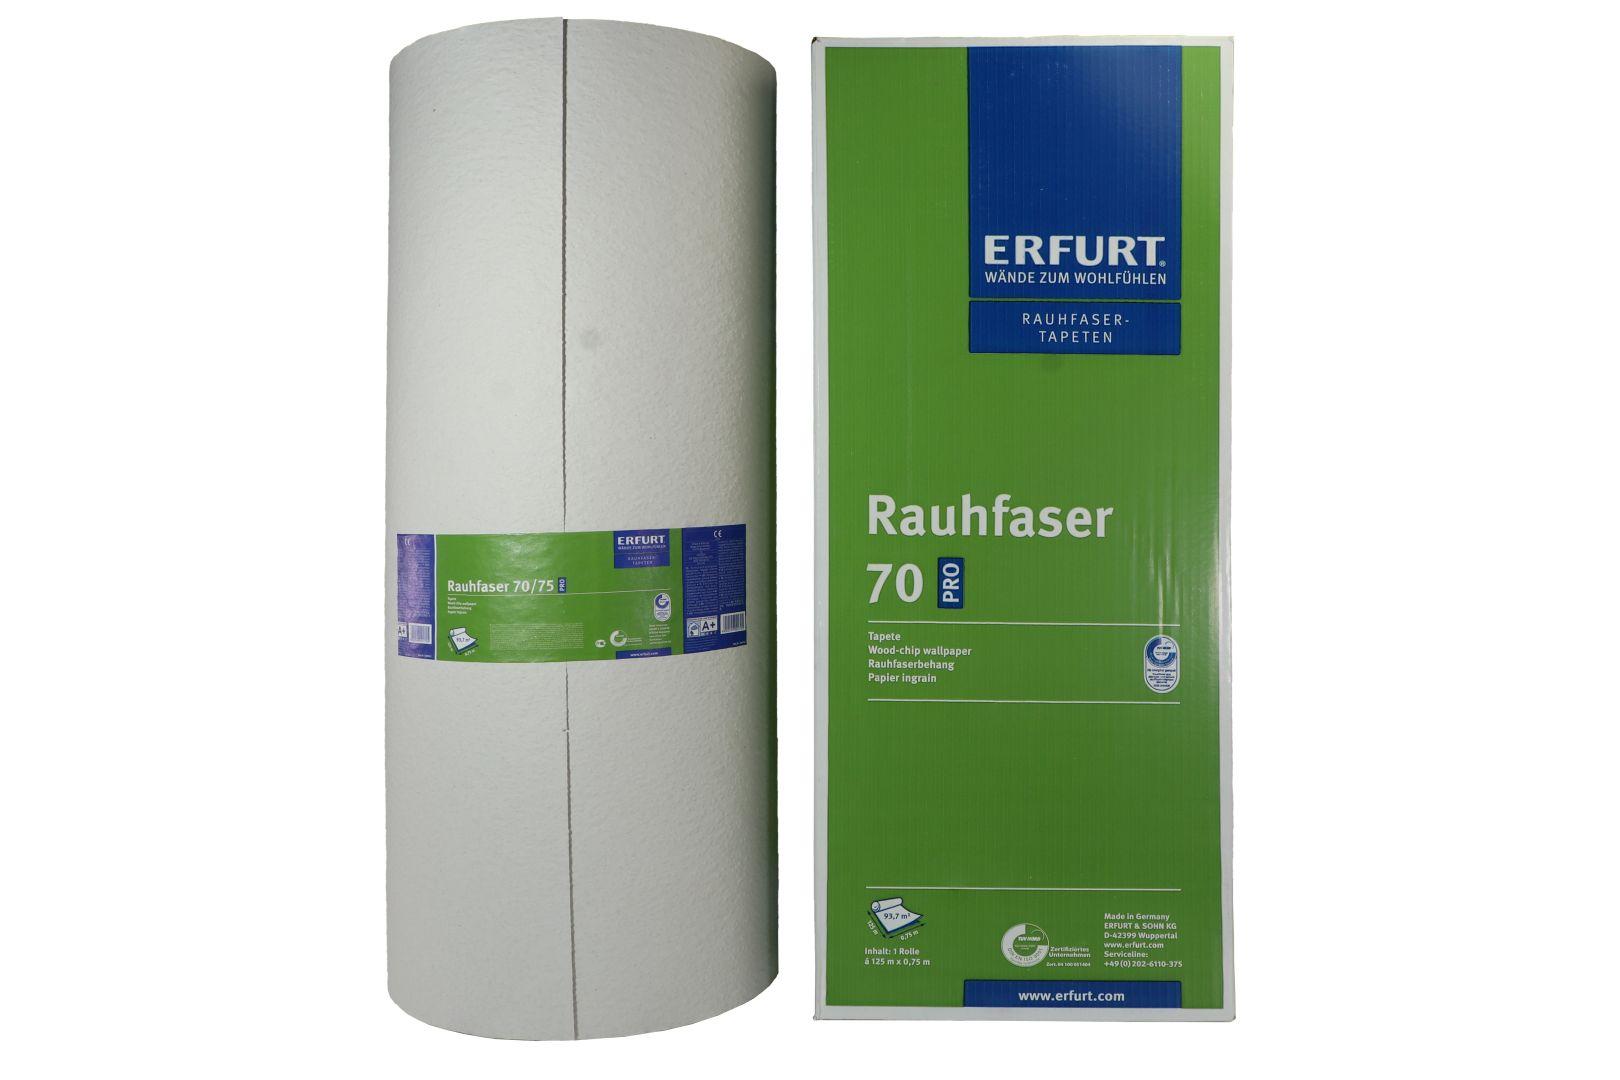 ERFURT Rauhfaser Tapete 70 Pro, abwechslungsreiche Struktur, 125 x 0,75 m, ausreichend für 93,75 m², 1 Großrolle